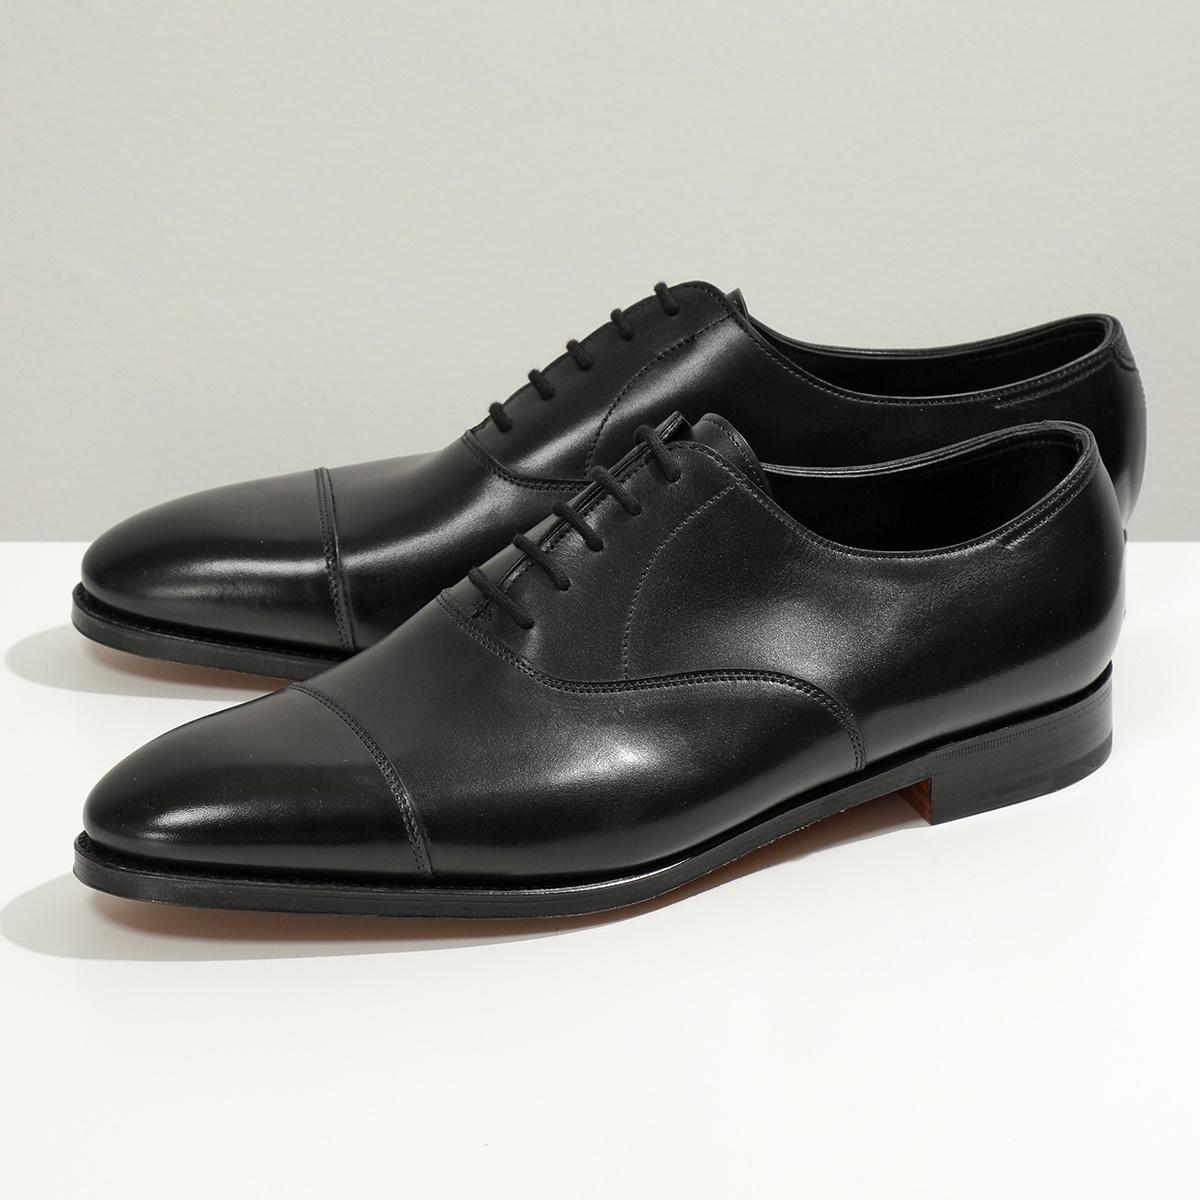 JOHN LOBB ジョンロブ CITY 2 CALF 008031L LAST 7000 E シティ2 レザーシューズ ドレスシューズ 革靴 ビジネス BLACK メンズ